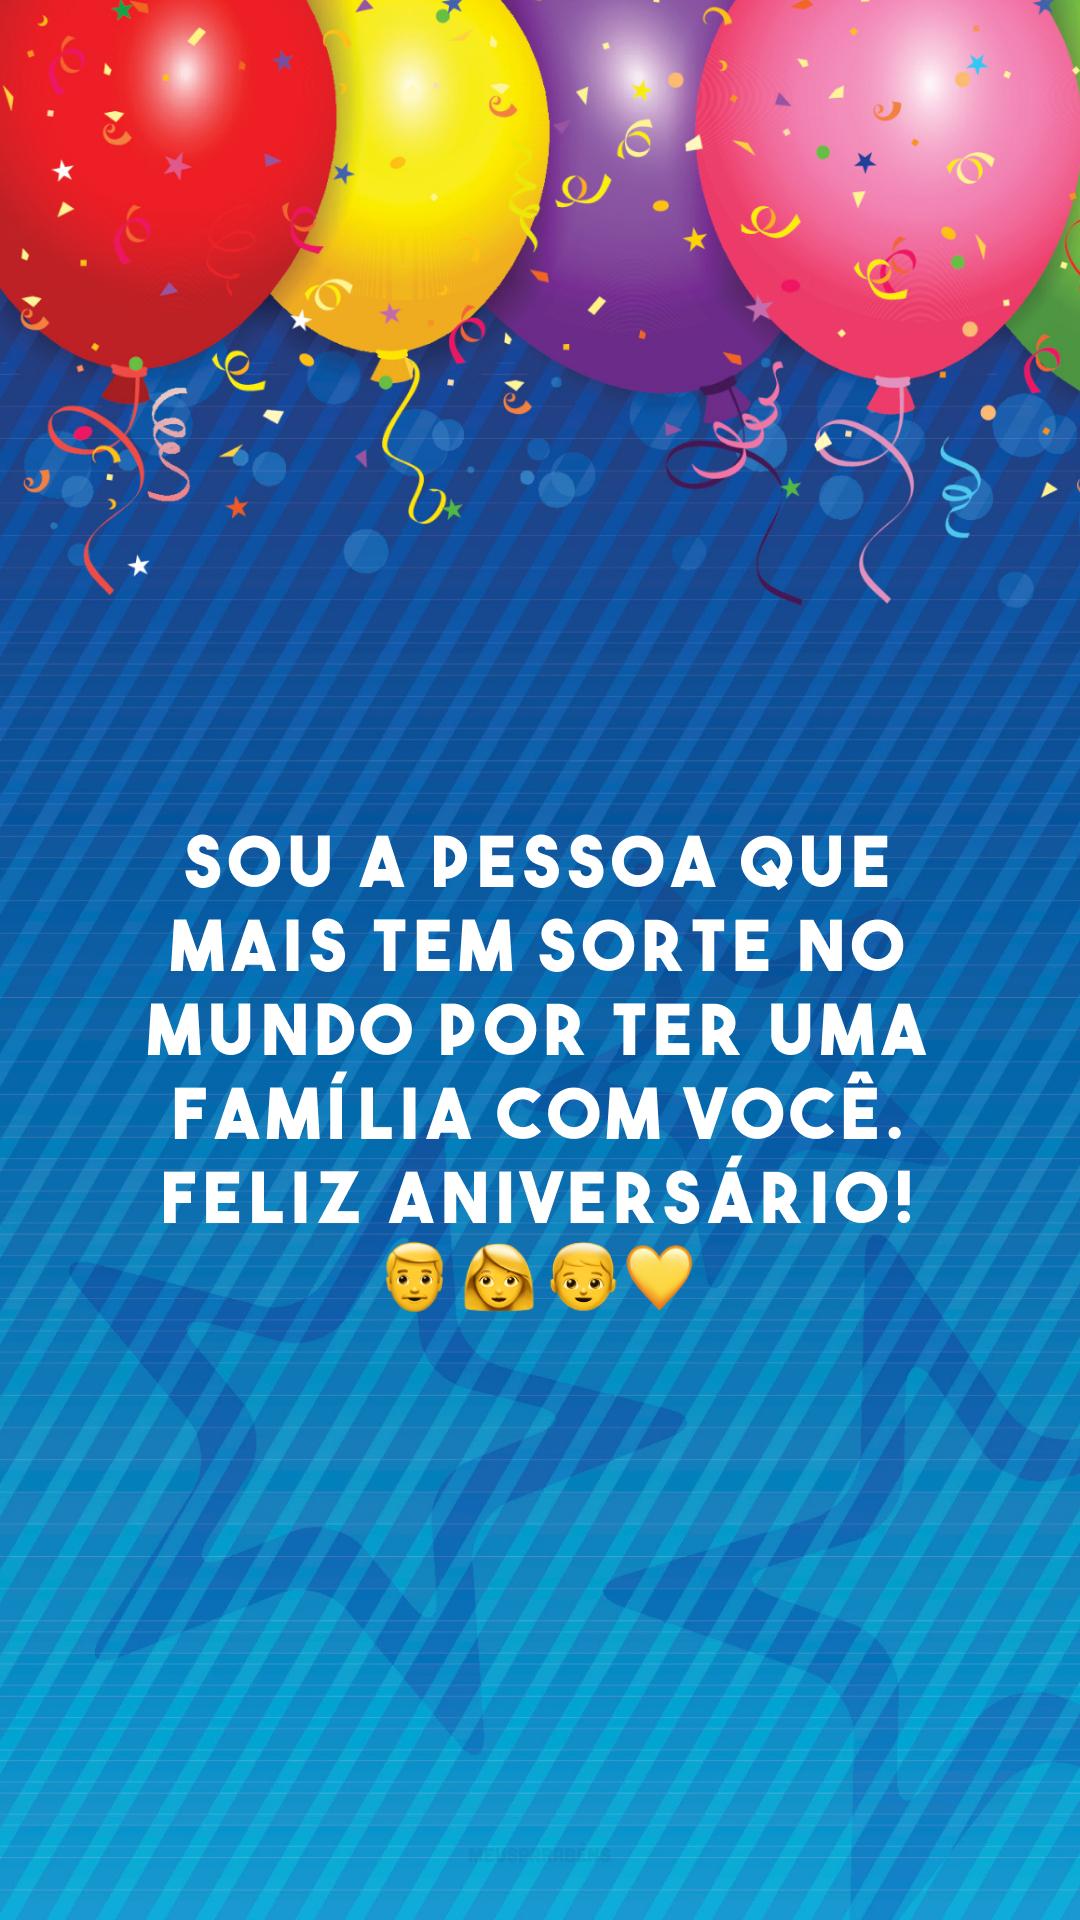 Sou a pessoa que mais tem sorte no mundo por ter uma família com você. Feliz aniversário! 👨👩👦💛